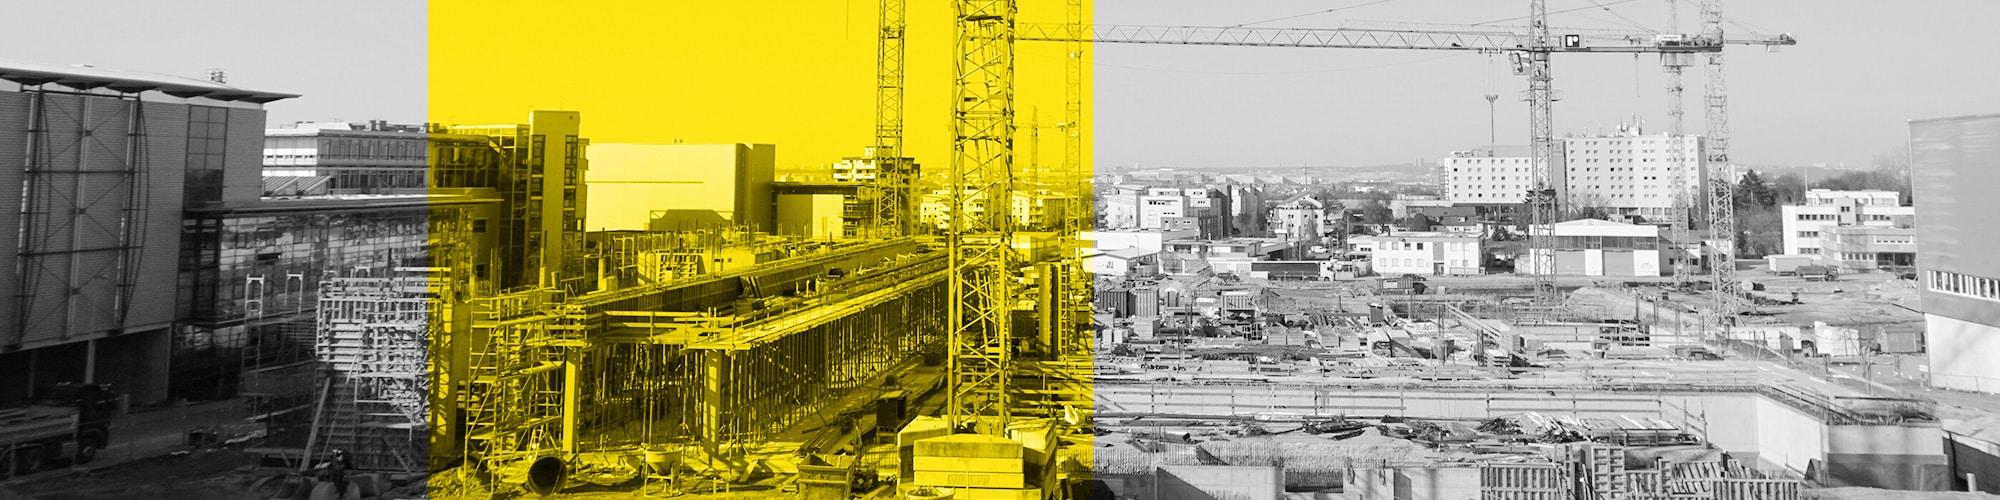 Bloching – Entsorgungsbetrieb und Containerdienst für Großbaustellen